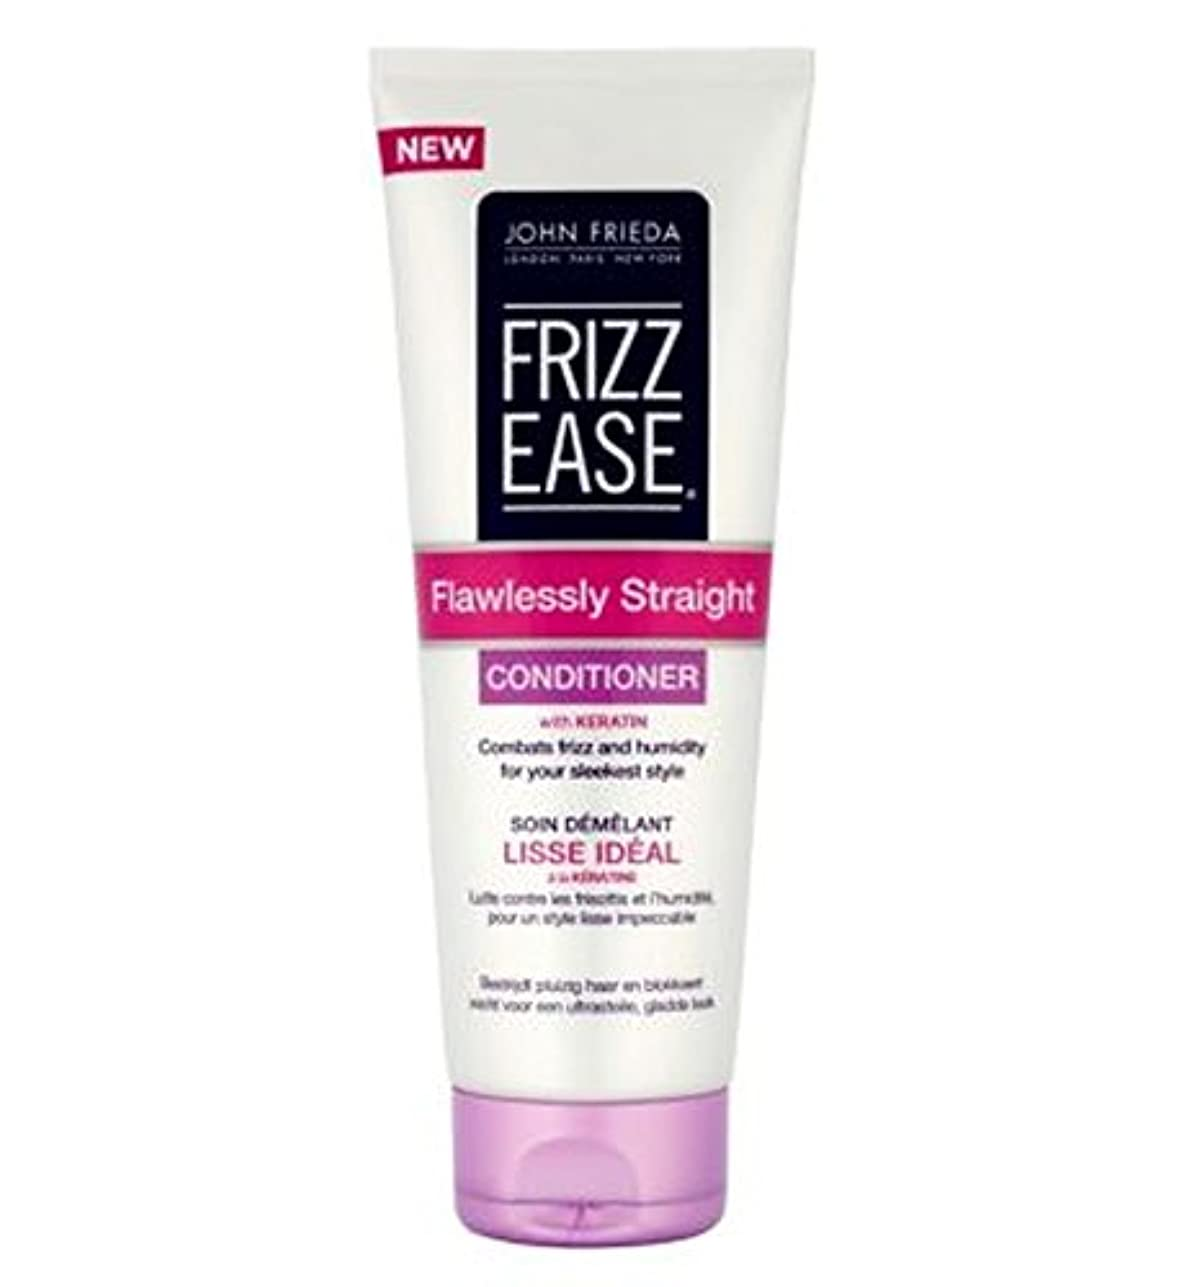 John Frieda Frizz-Ease Flawlessly Straight Conditioner 250ml - ジョン?フリーダ縮れ-容易完璧ストレートコンディショナー250Ml (John Frieda)...